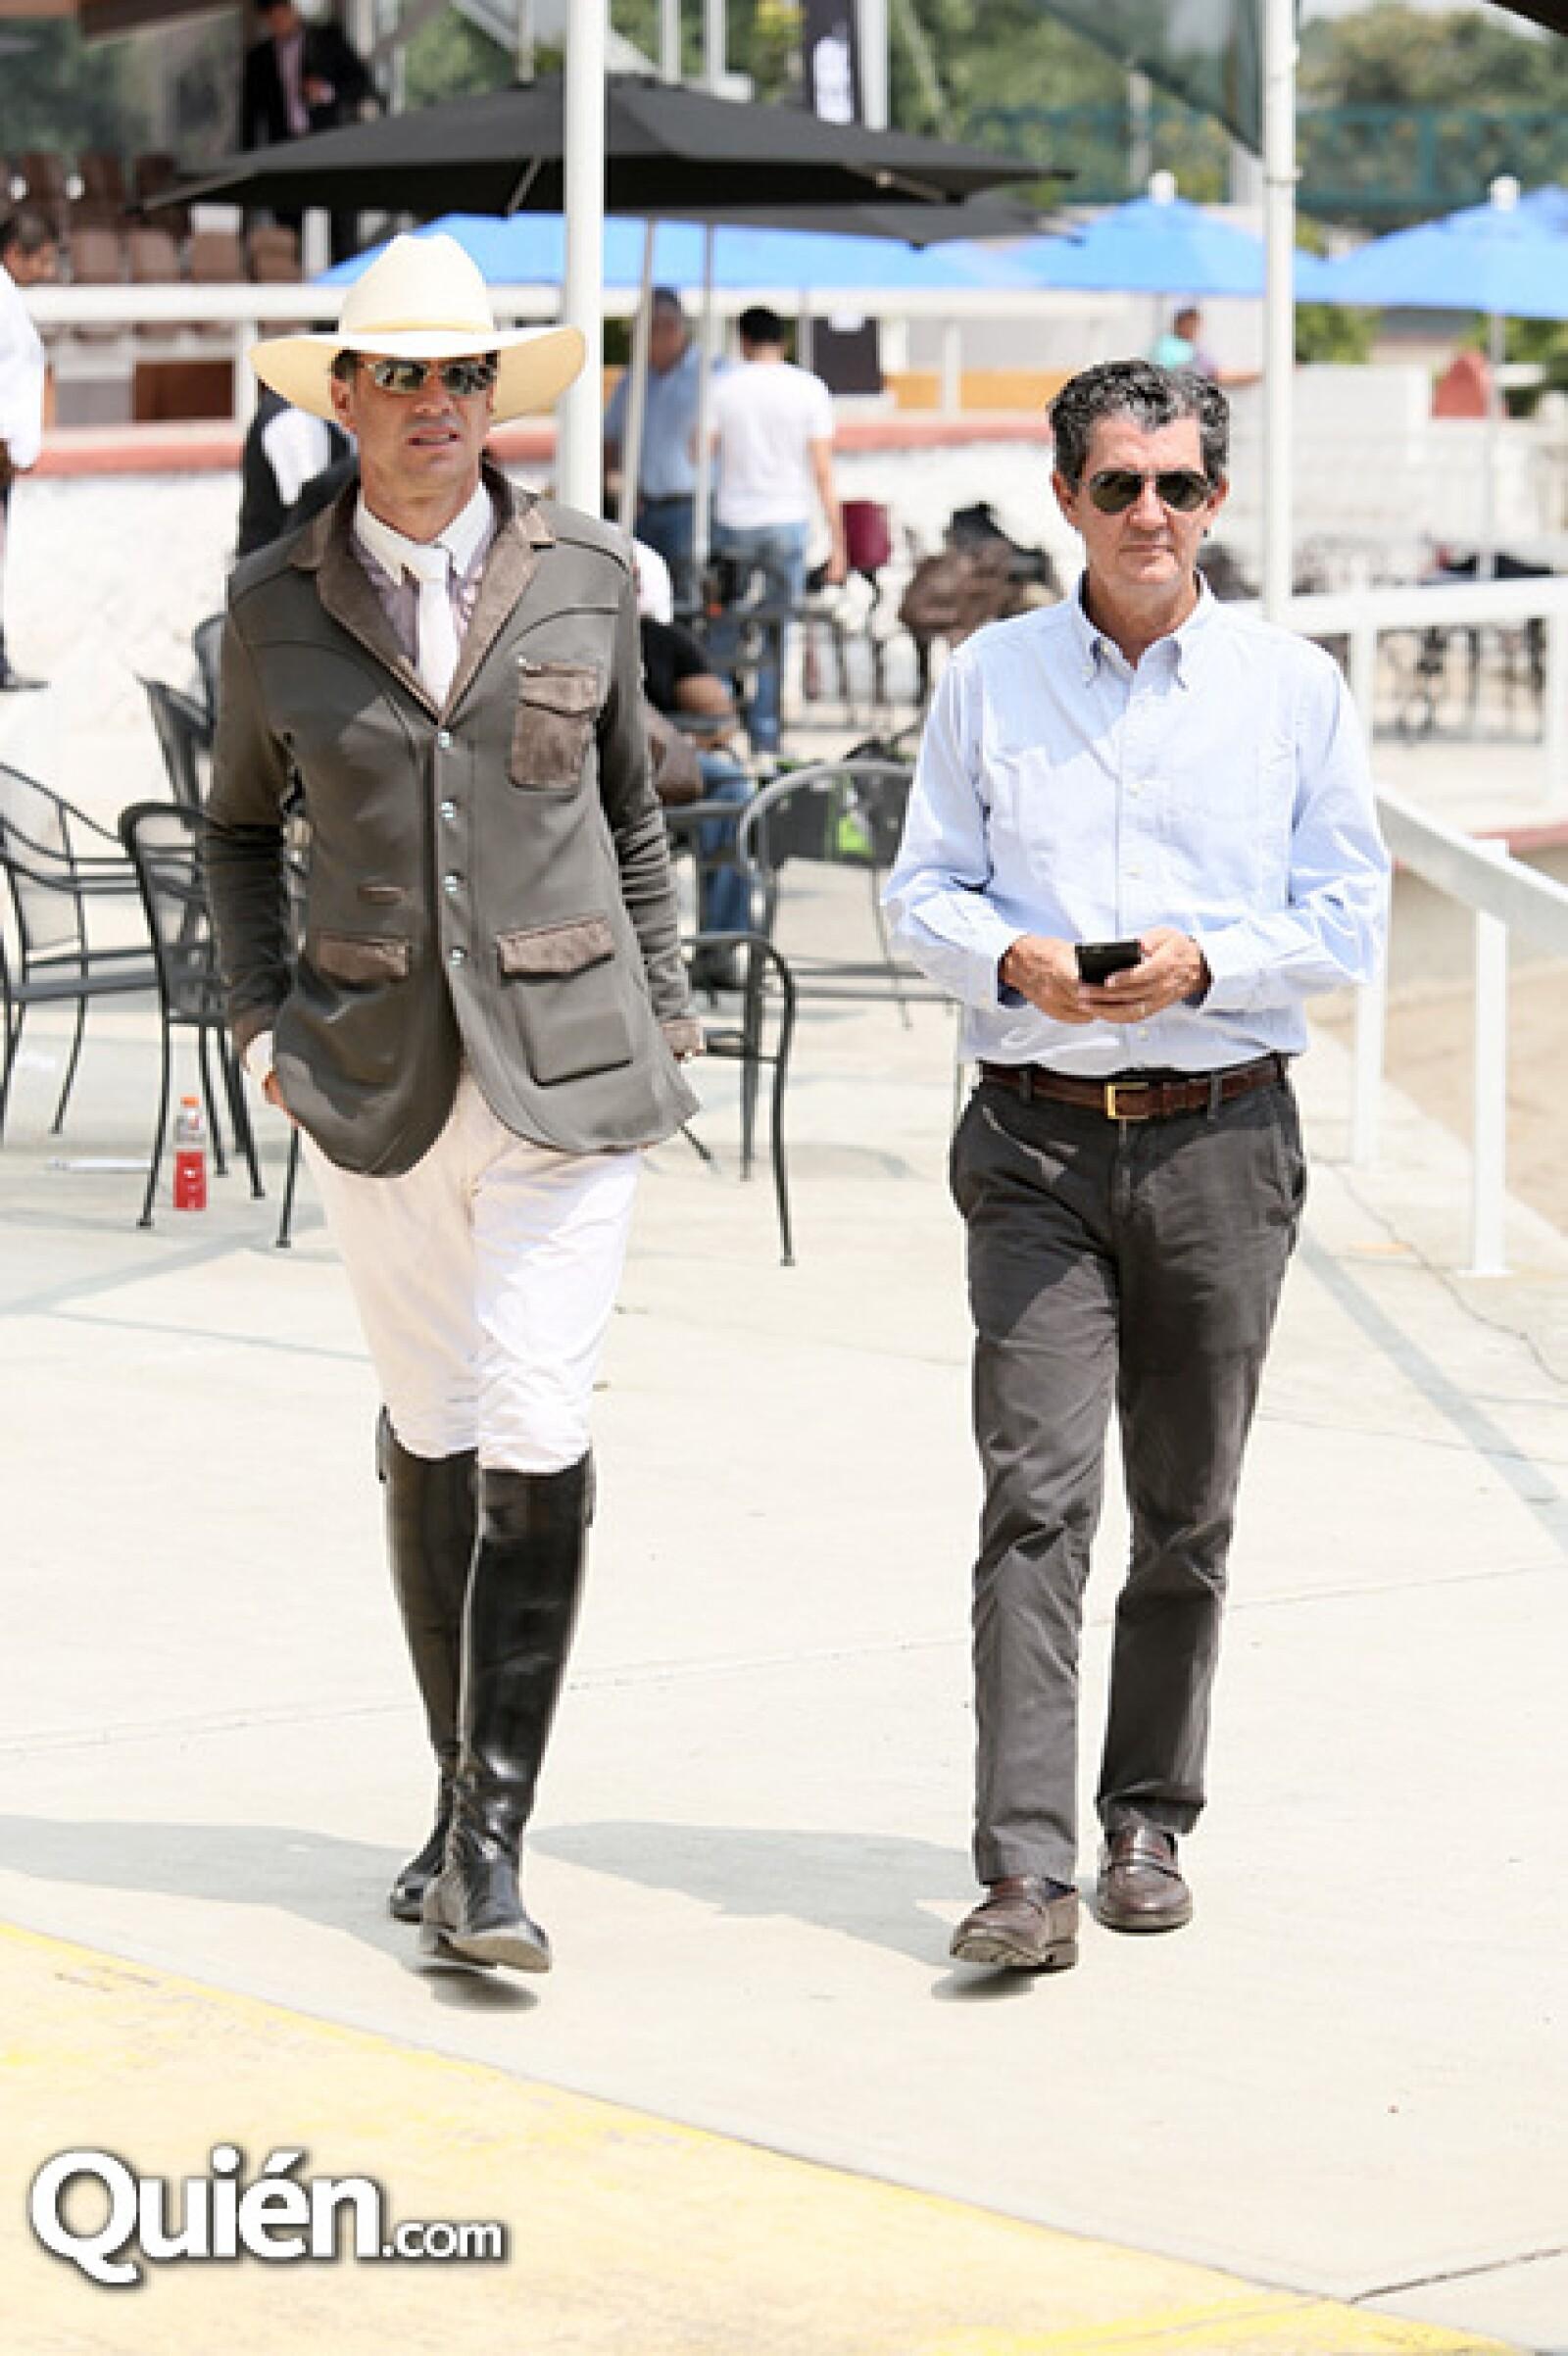 Juan Fernando Reyes y Santiago Urquiza